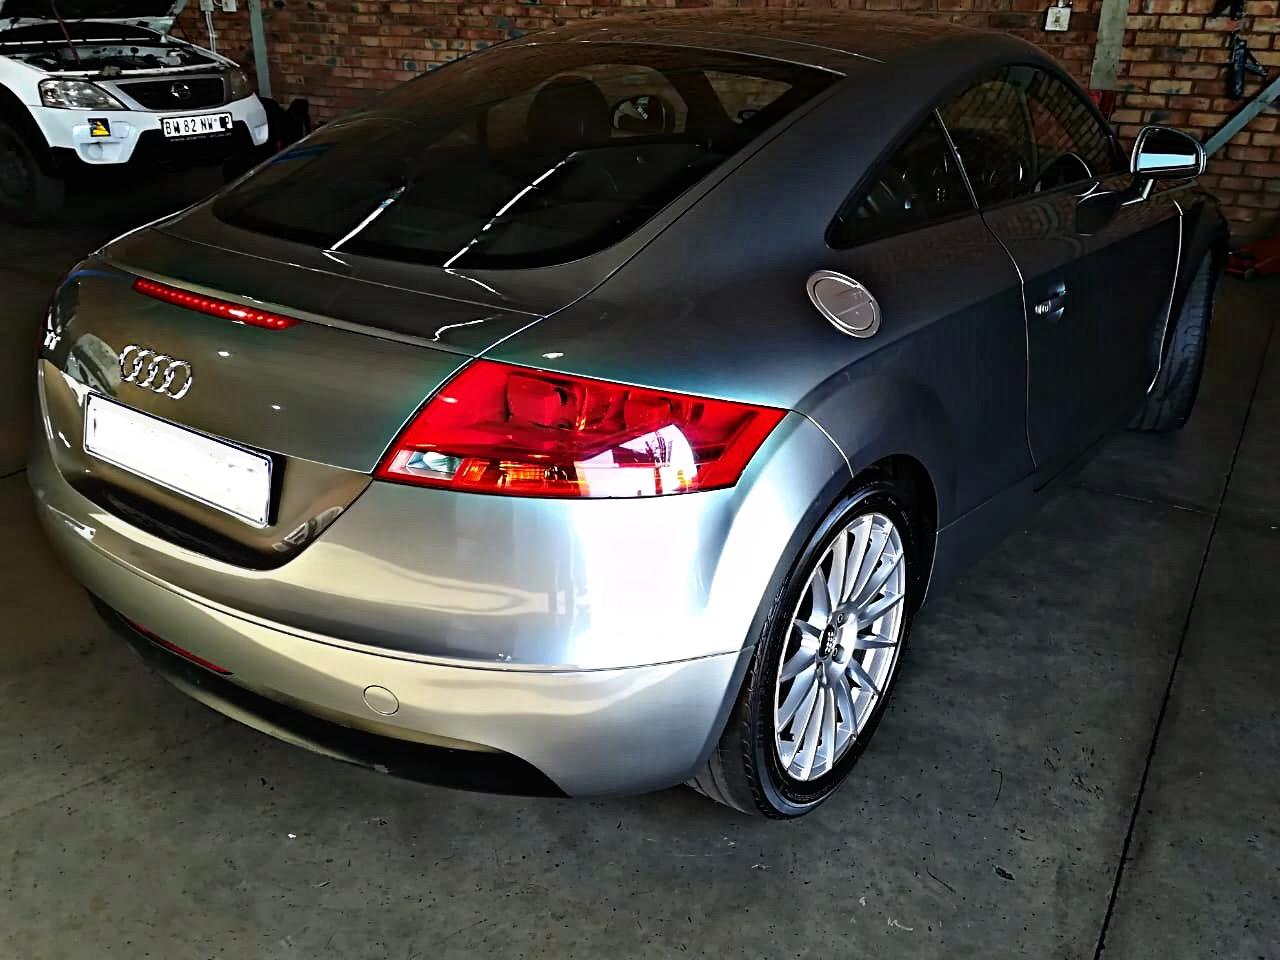 Audi TT Coupe TT RS QUATTRO COUPE STRONIC Junk Mail - Audi tt coupe